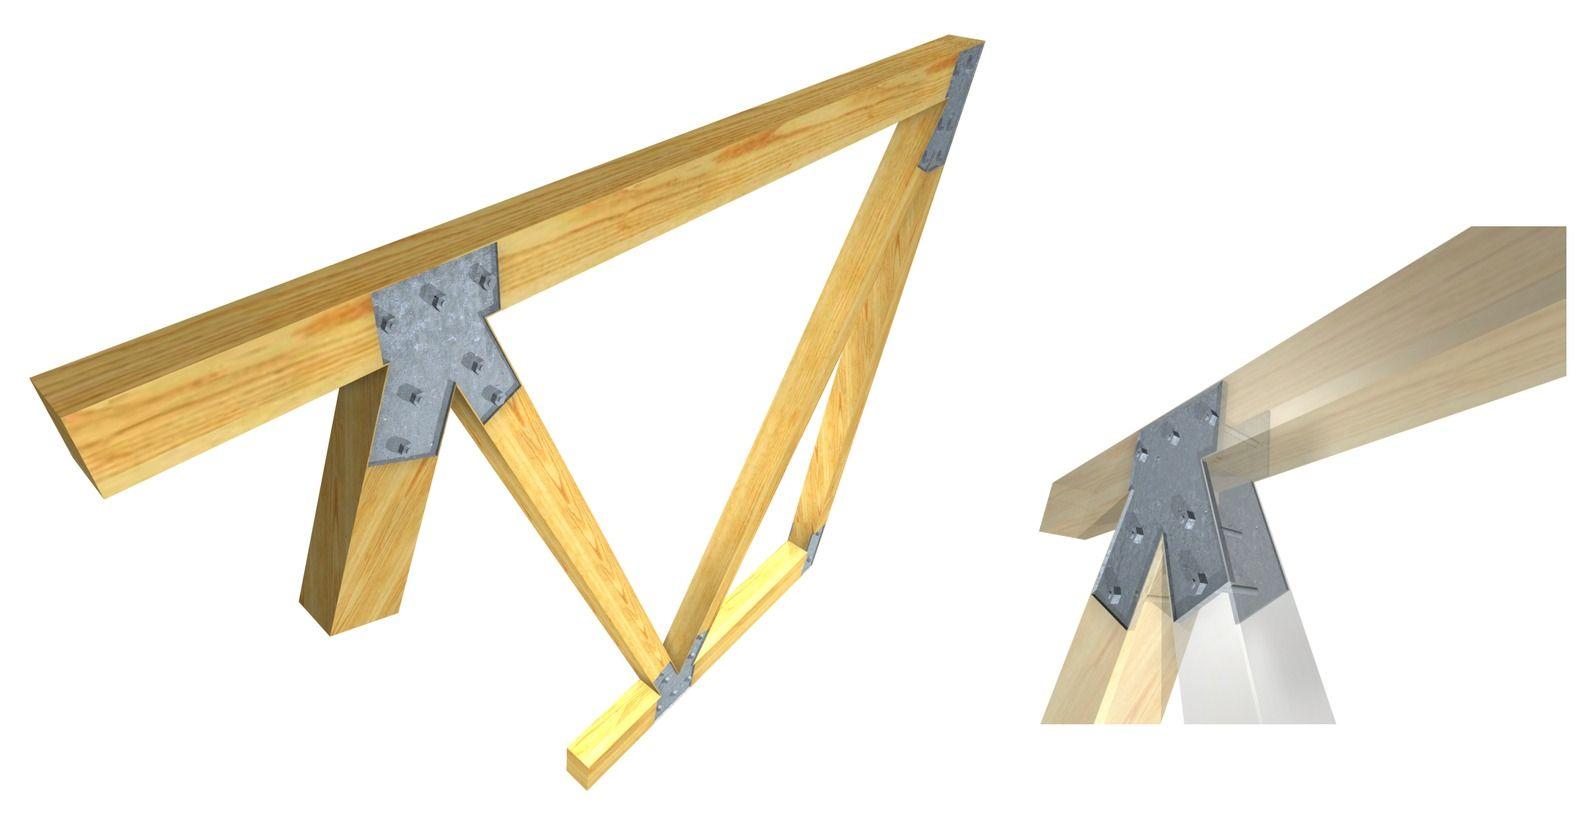 Galer a de 15 herrajes met licos para conectar estructuras de madera laminada arauco 3 - Estructuras de madera laminada ...